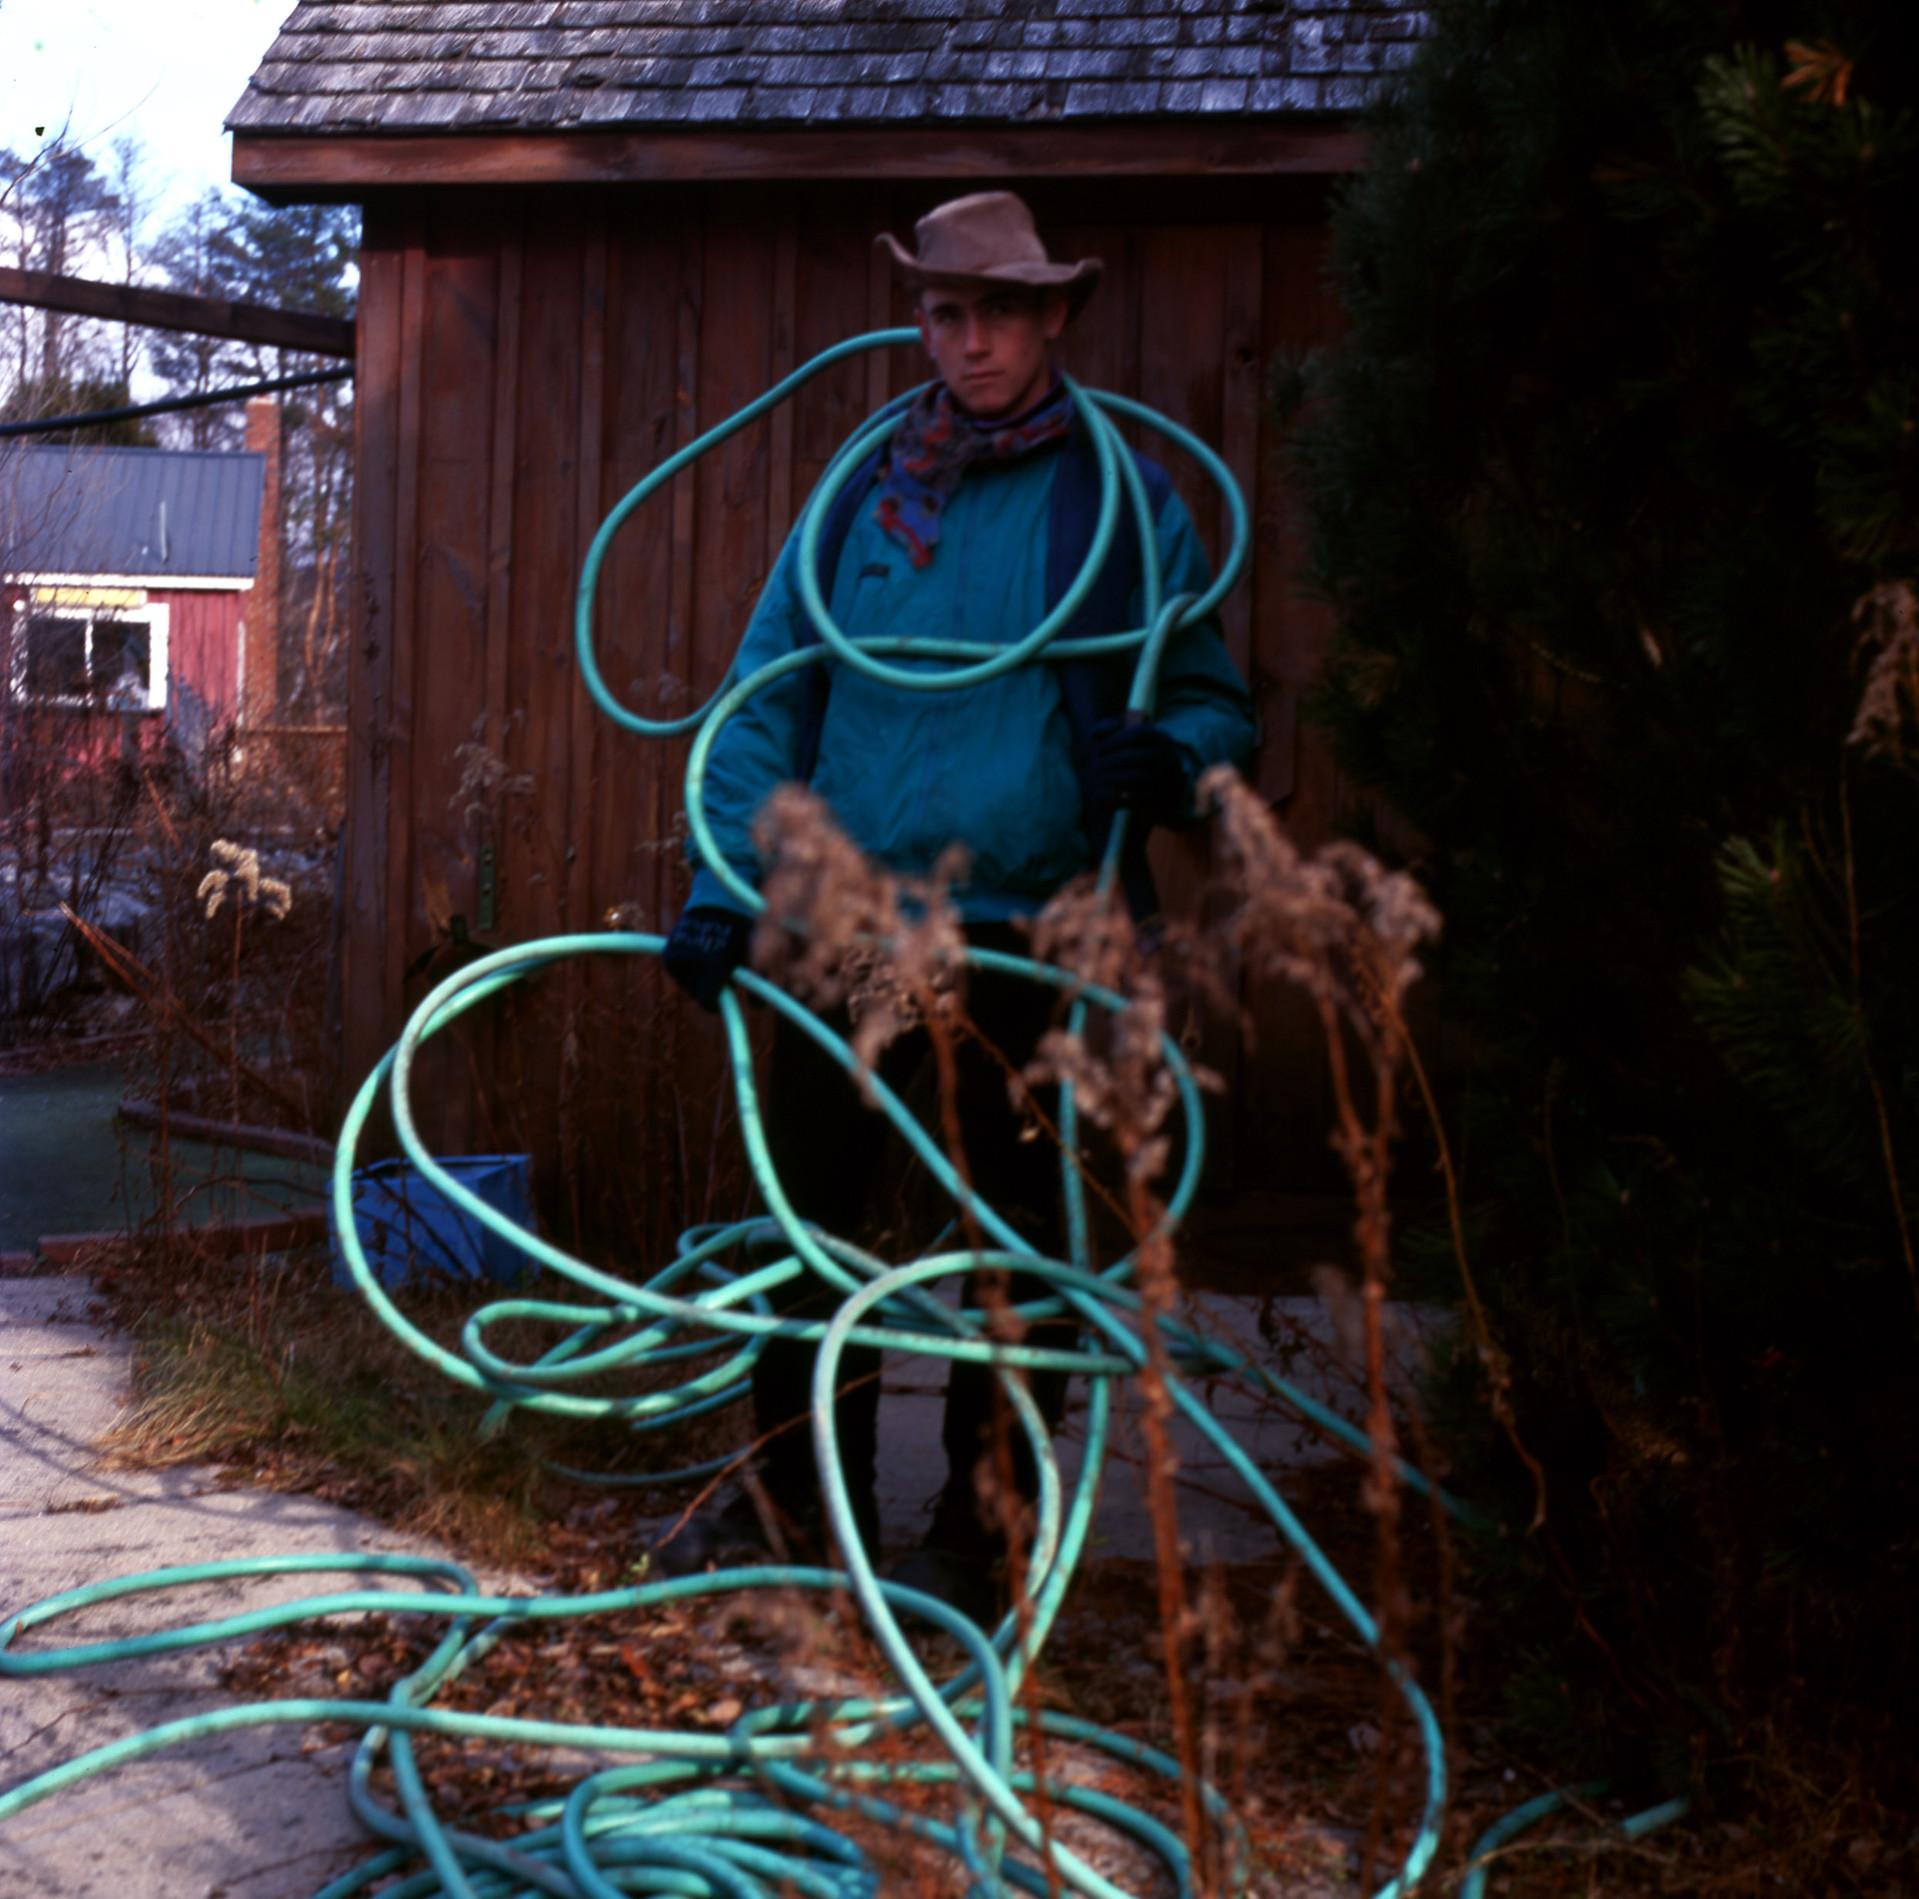 cowboy with hose